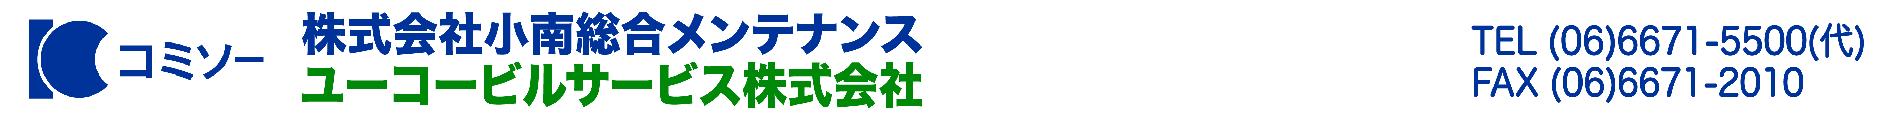 株式会社小南総合メンテナンス